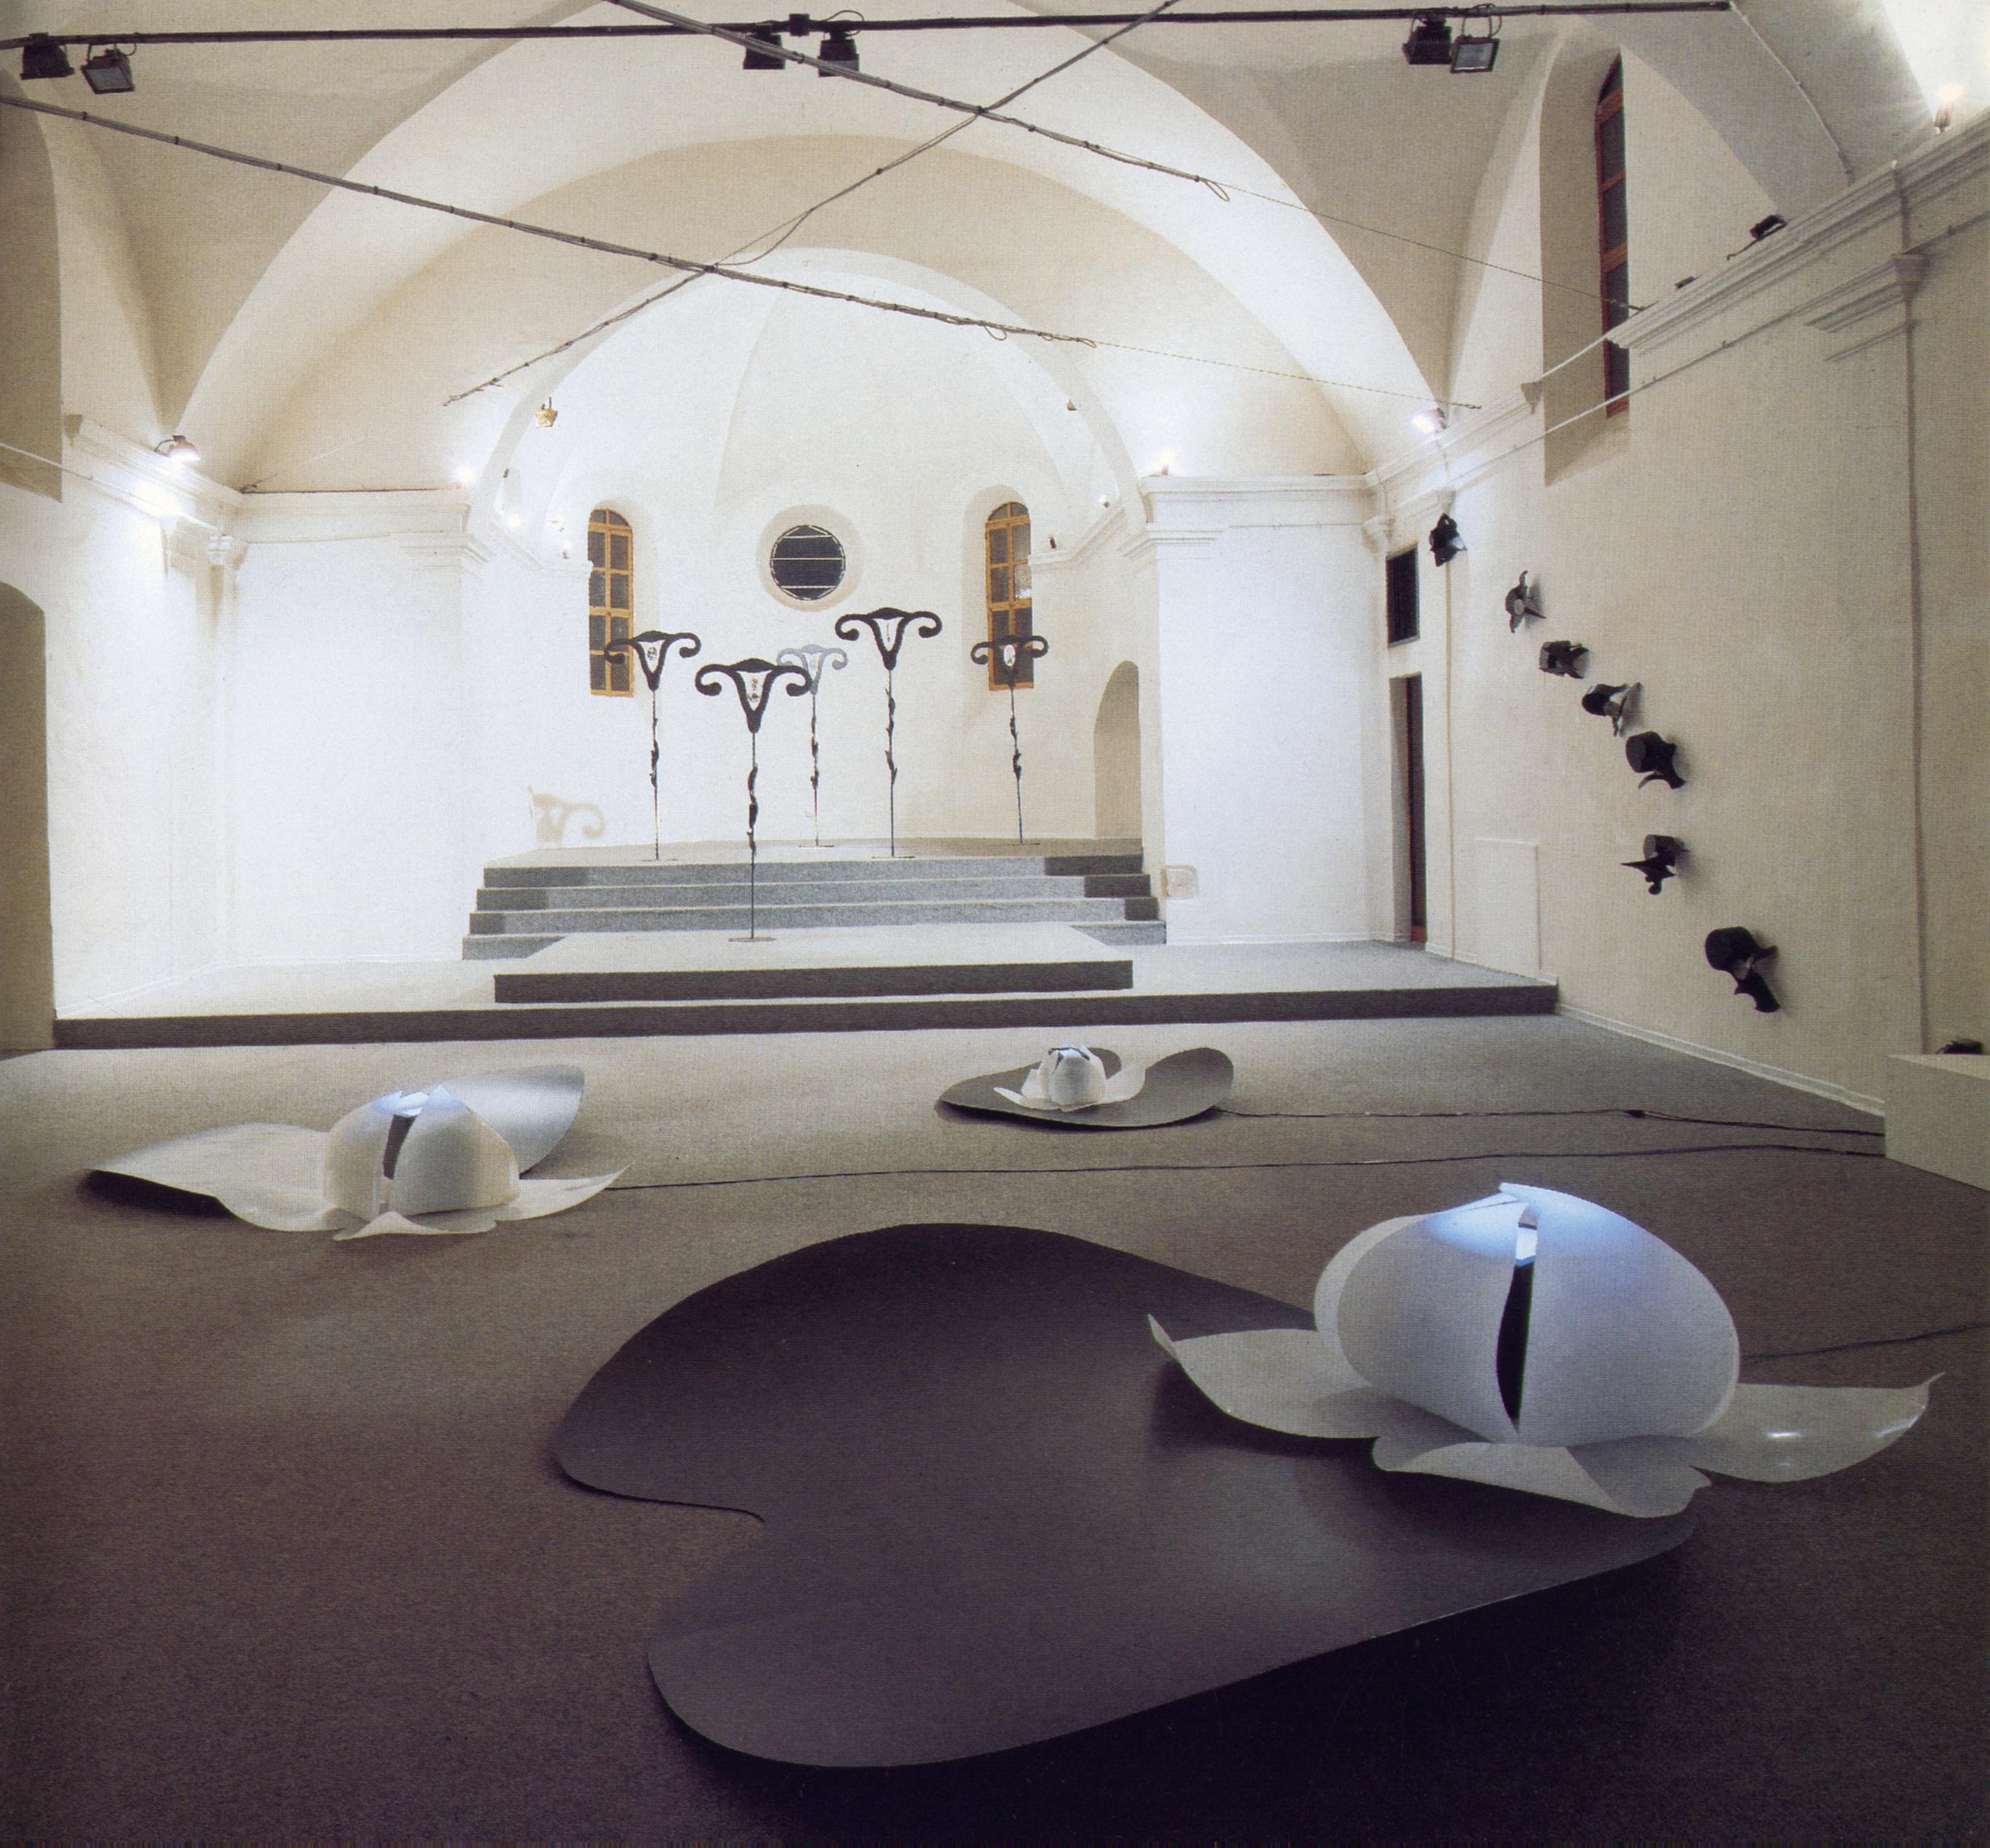 In Corporea Mente, 1993, veduta dell'installazione. Torre del Lebbroso, Aosta, 1993